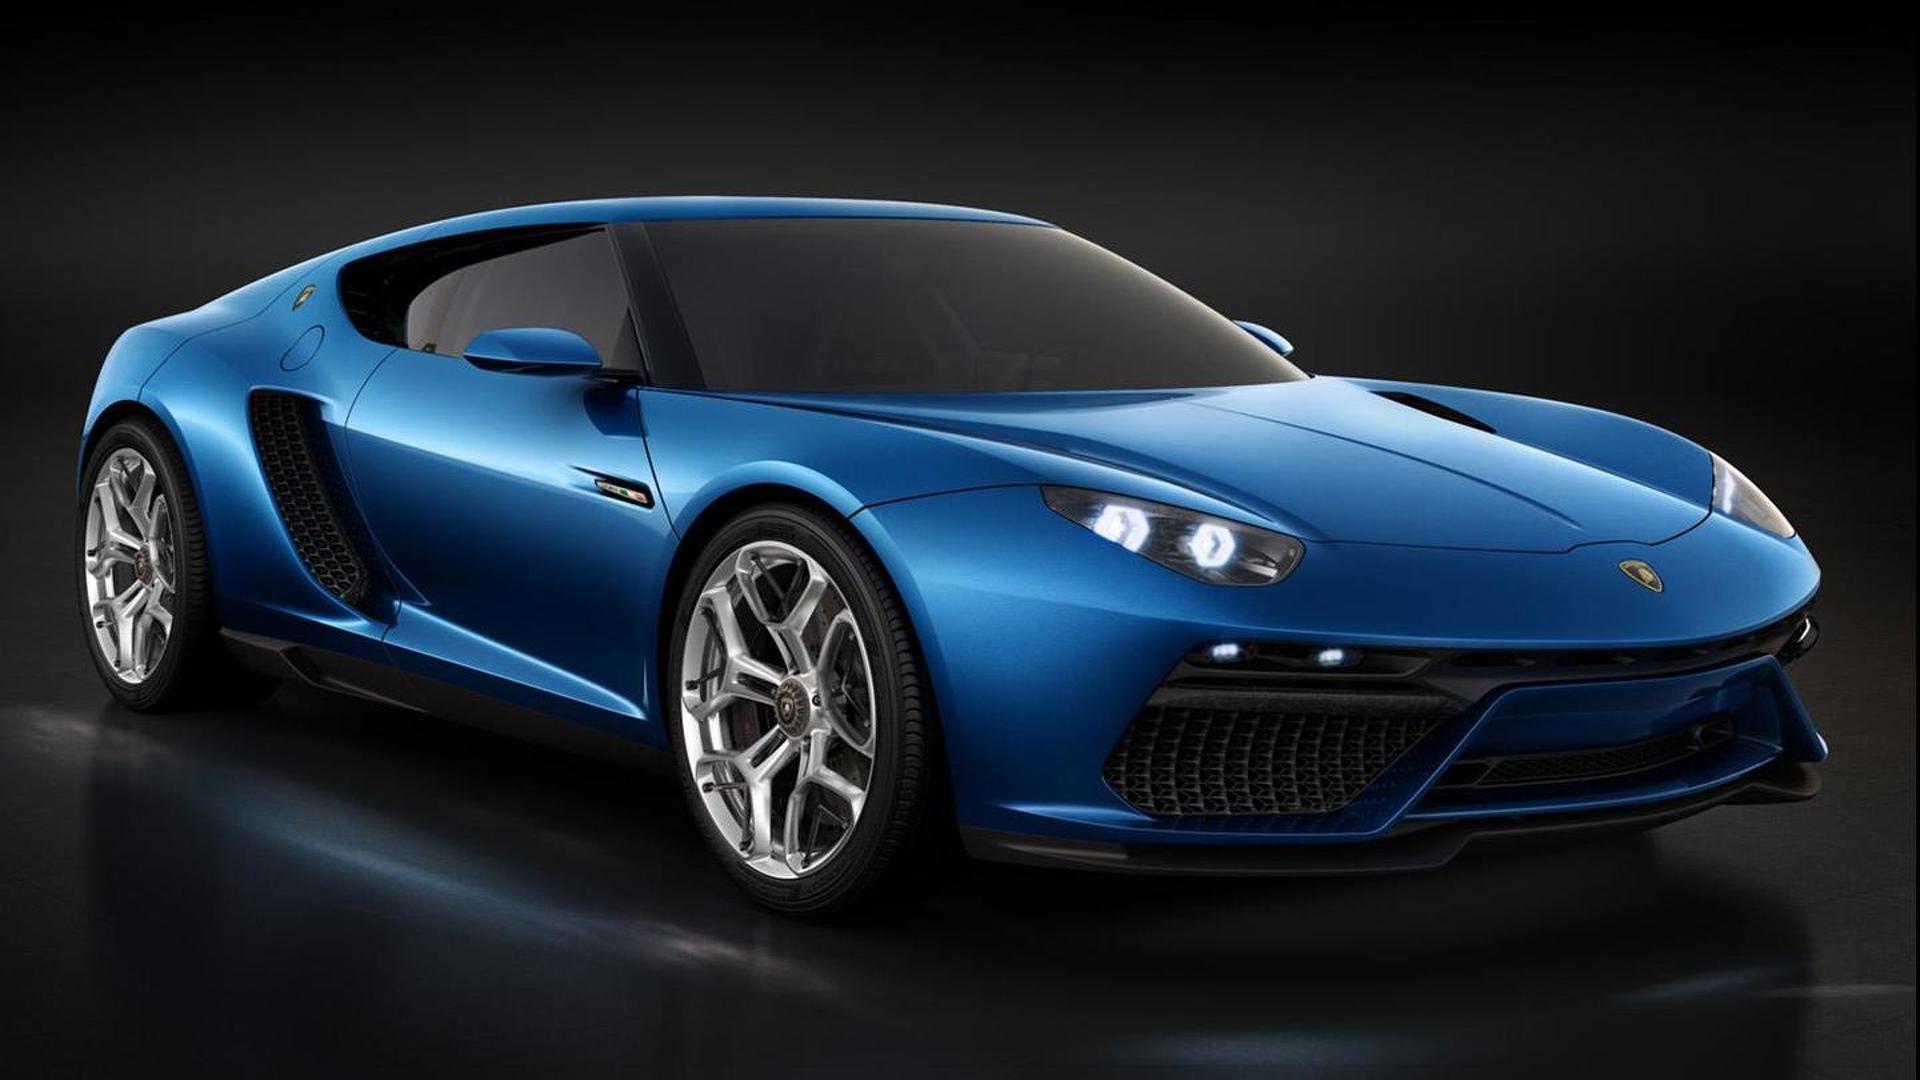 Lamborghini to resurrect Miura as all-new 2+2 GT model?